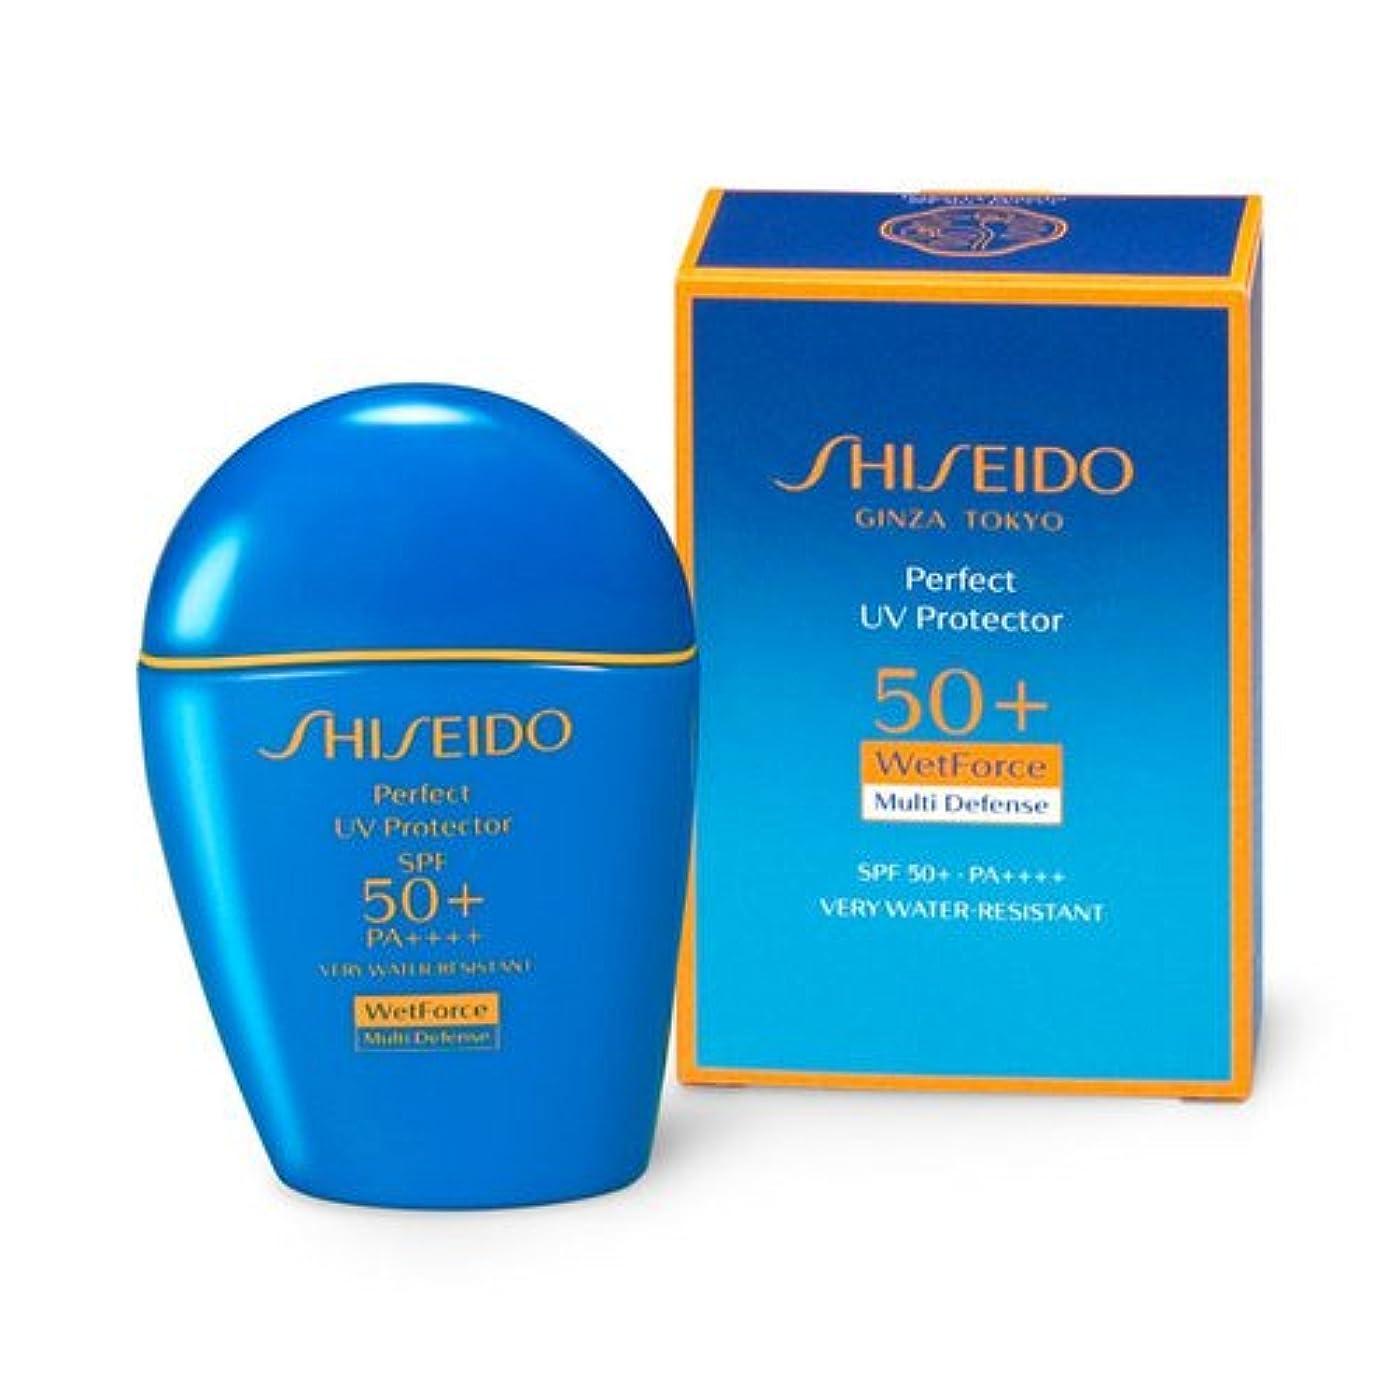 自由細胞歌詞SHISEIDO Suncare(資生堂 サンケア) SHISEIDO(資生堂) パーフェクト UVプロテクター 50mL